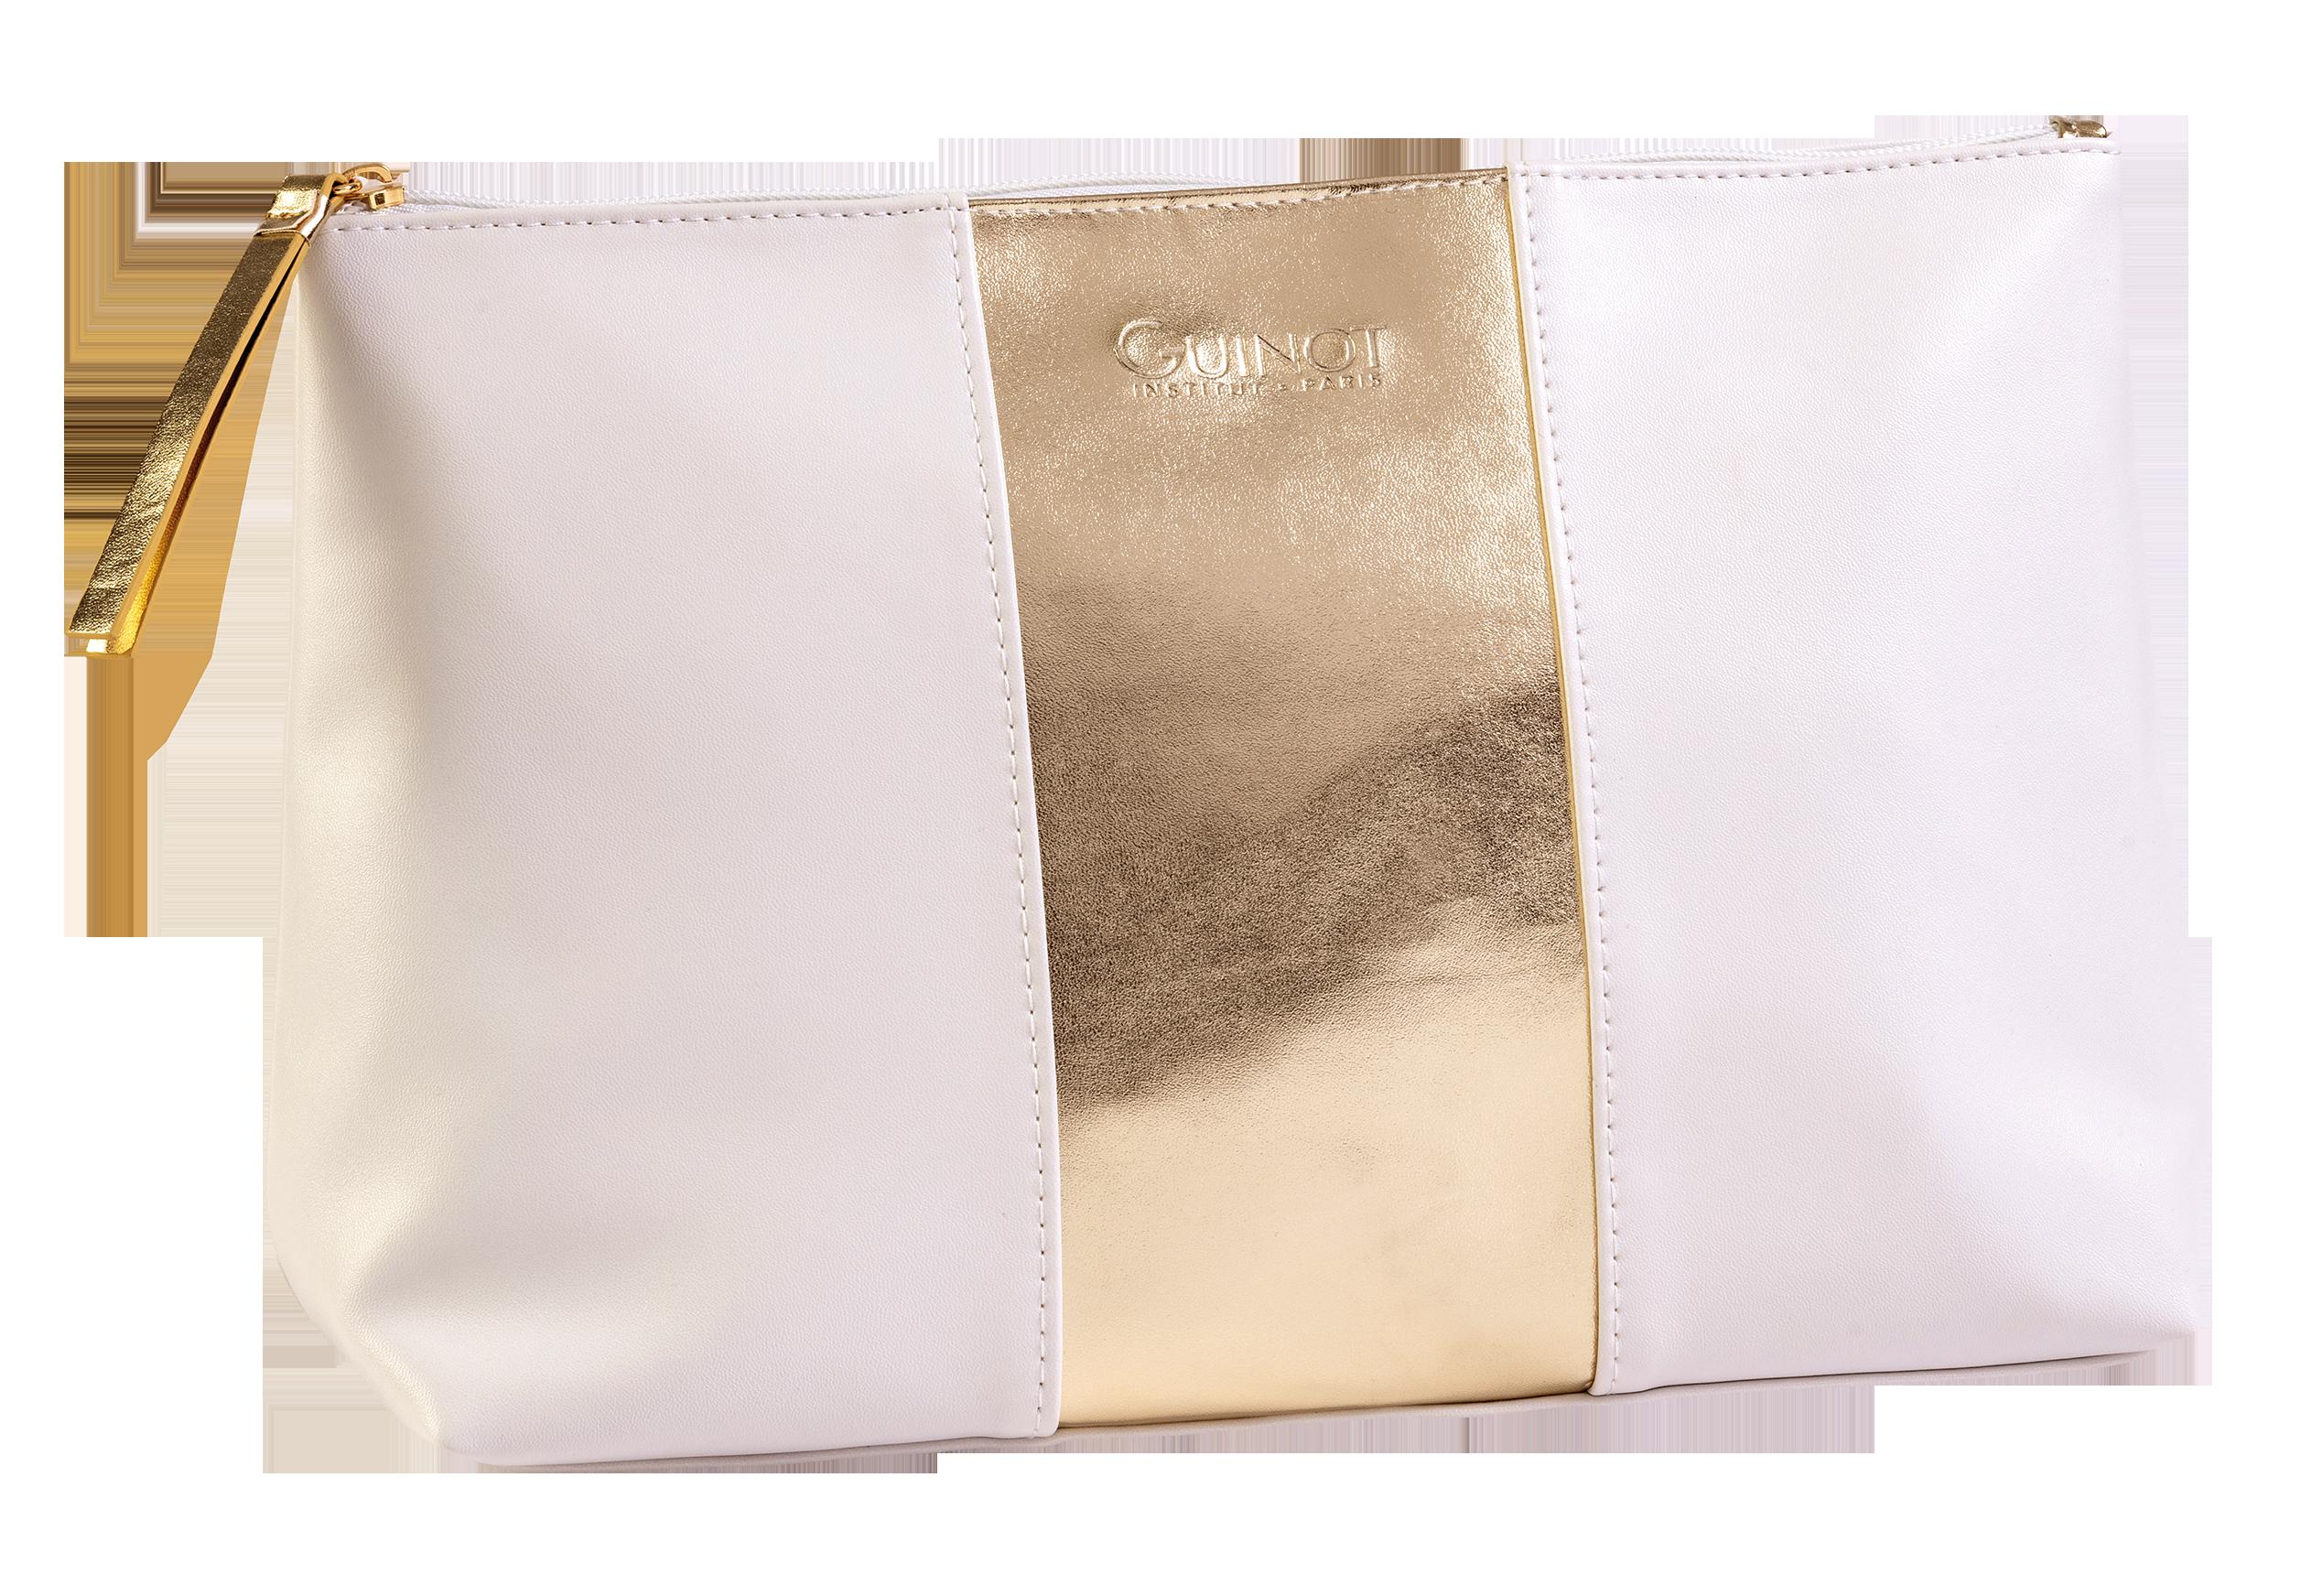 CC - Guinot Trousse Hydrazone - Weihnachts-Geschenkset